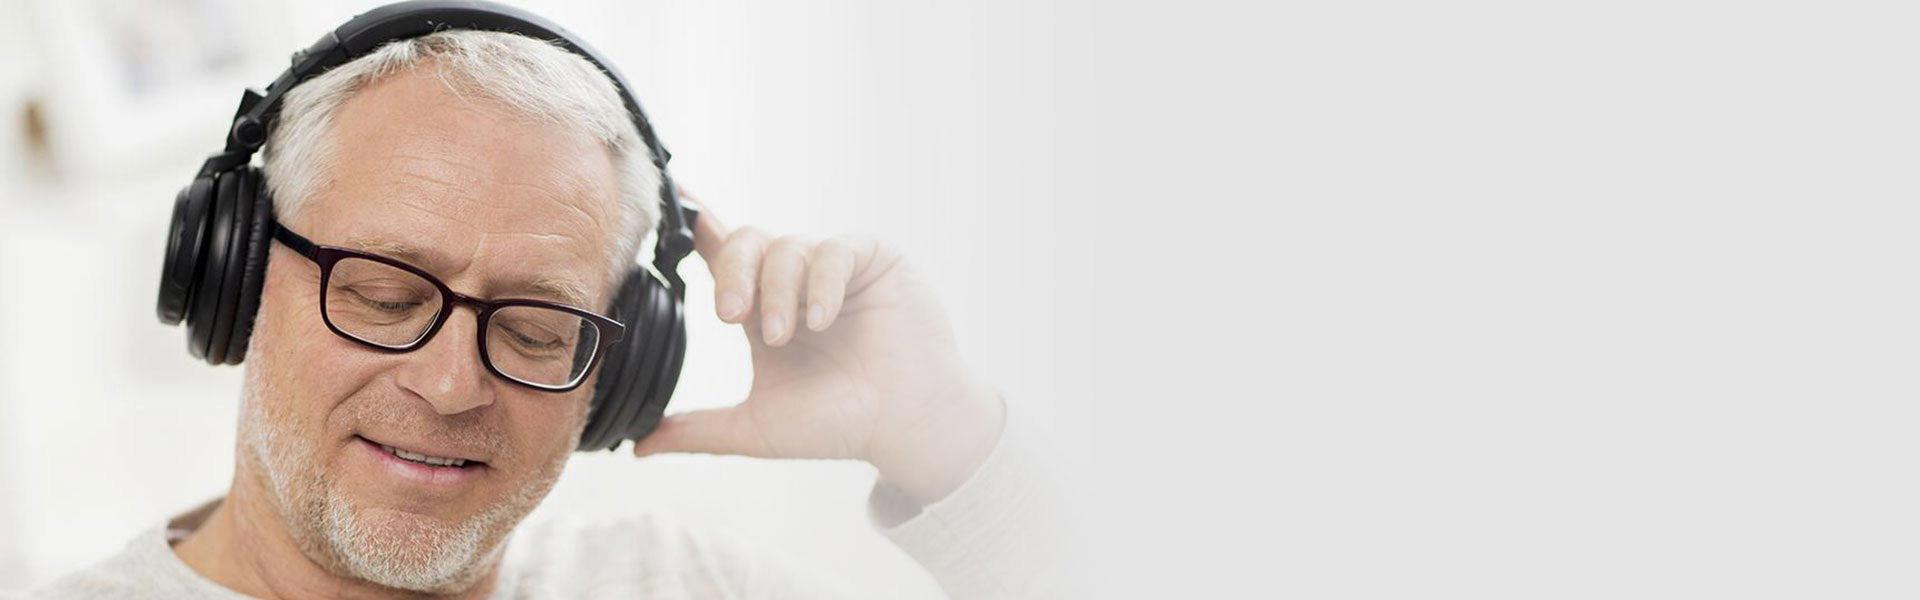 Gör ett hörseltest hos Audika - du kan göra ett hörseltest på klinik eller digitalt.